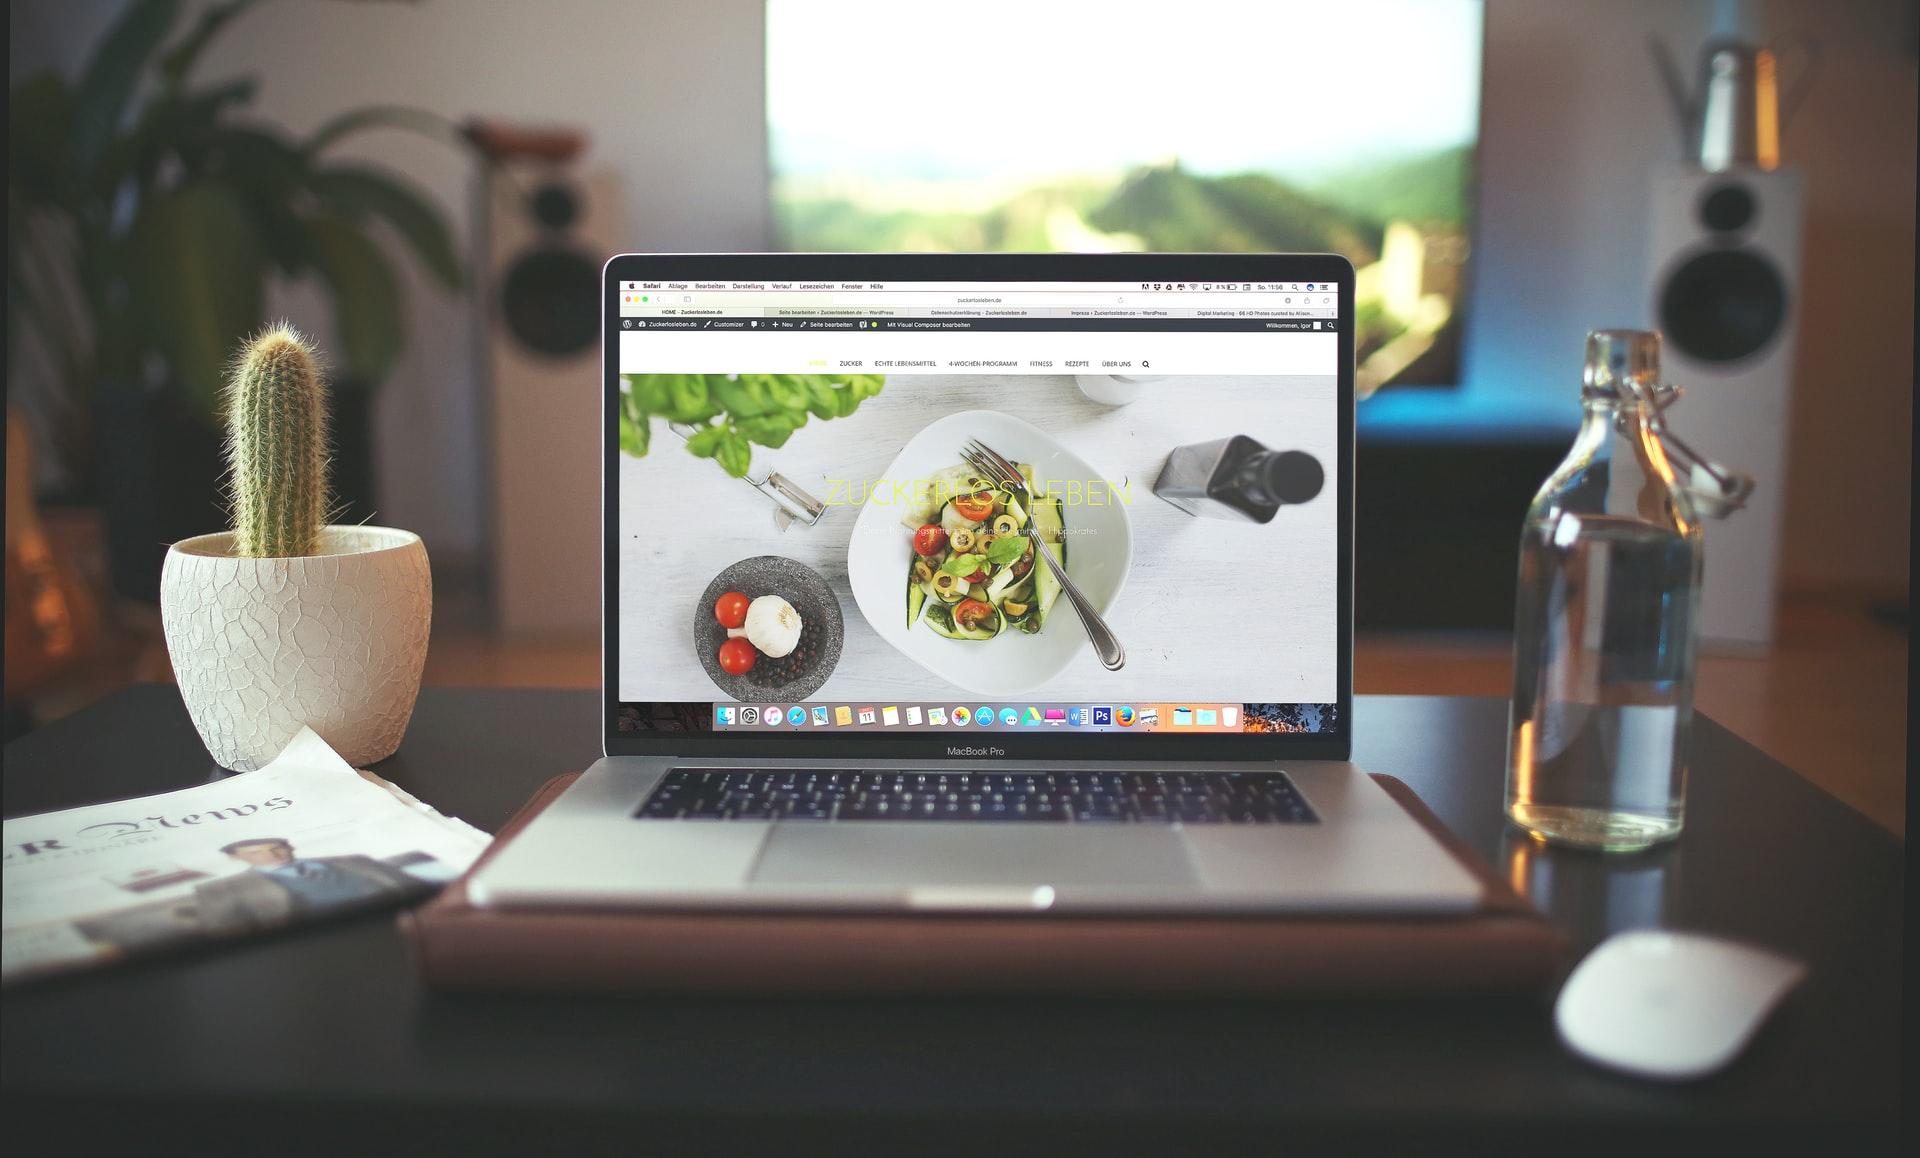 Datenschutz für Websitebetreiber: So wird Ihre Website DSGVO-konform